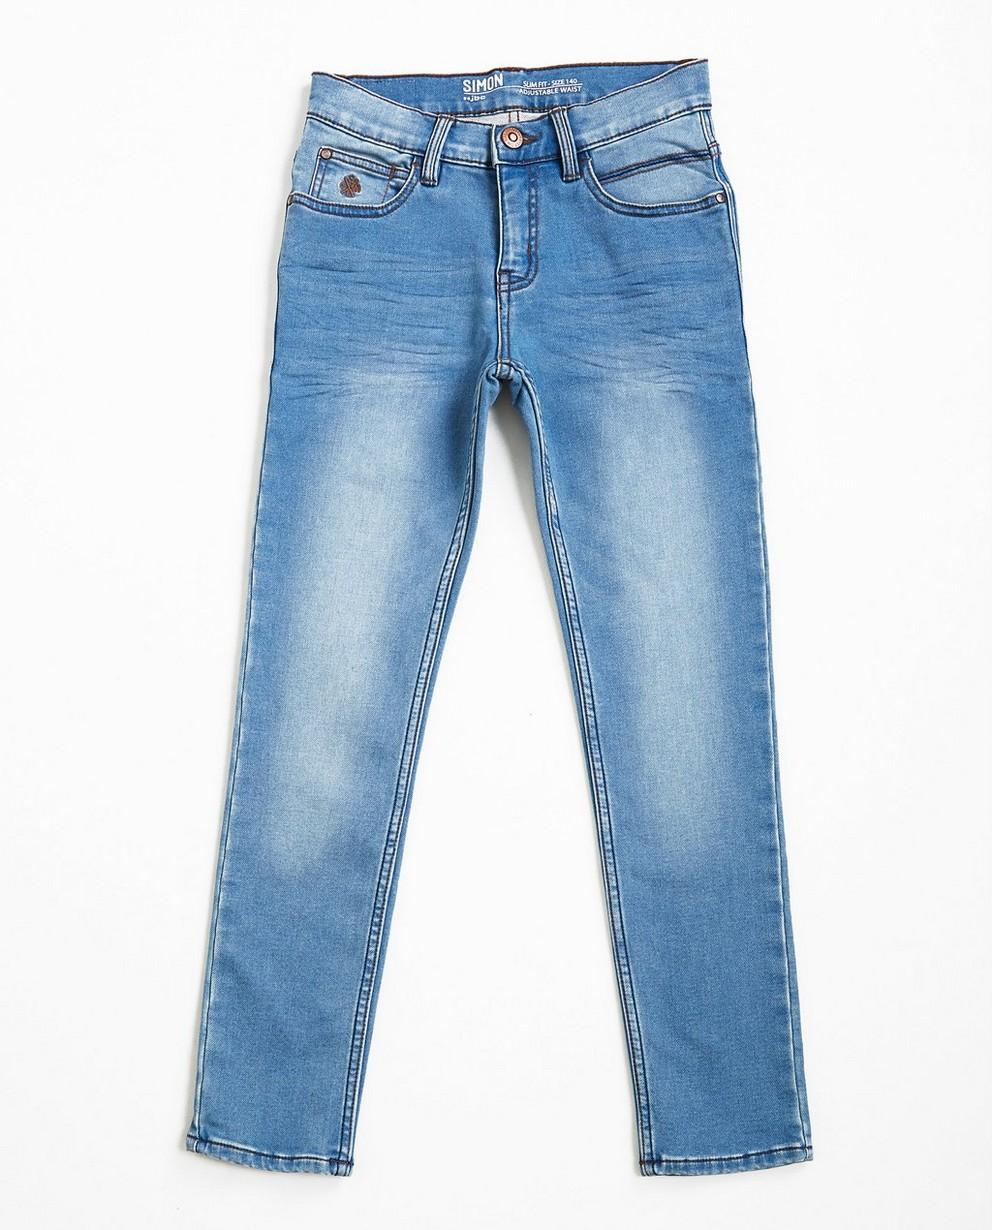 Jeans slim bleu clair SIMON - en sweat denim - JBC